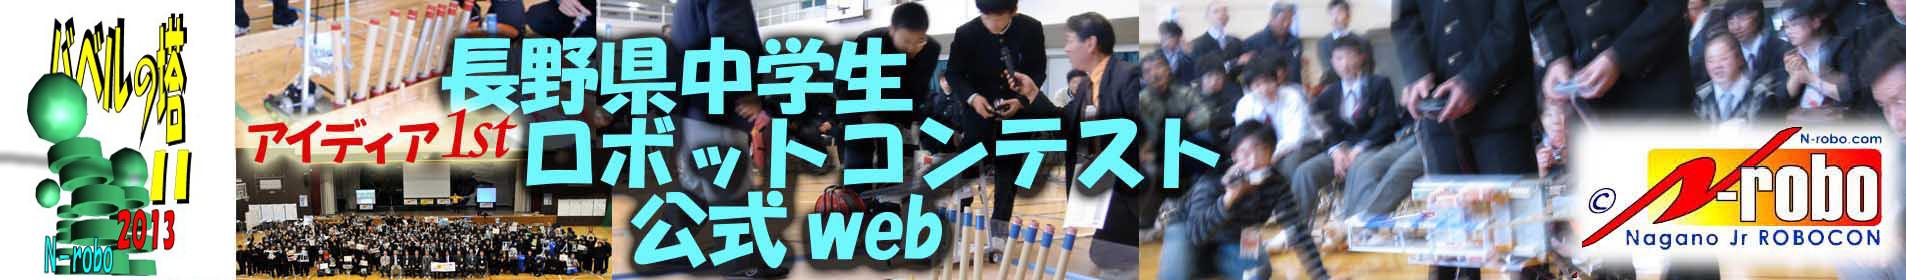 長野県中学生ロボコン